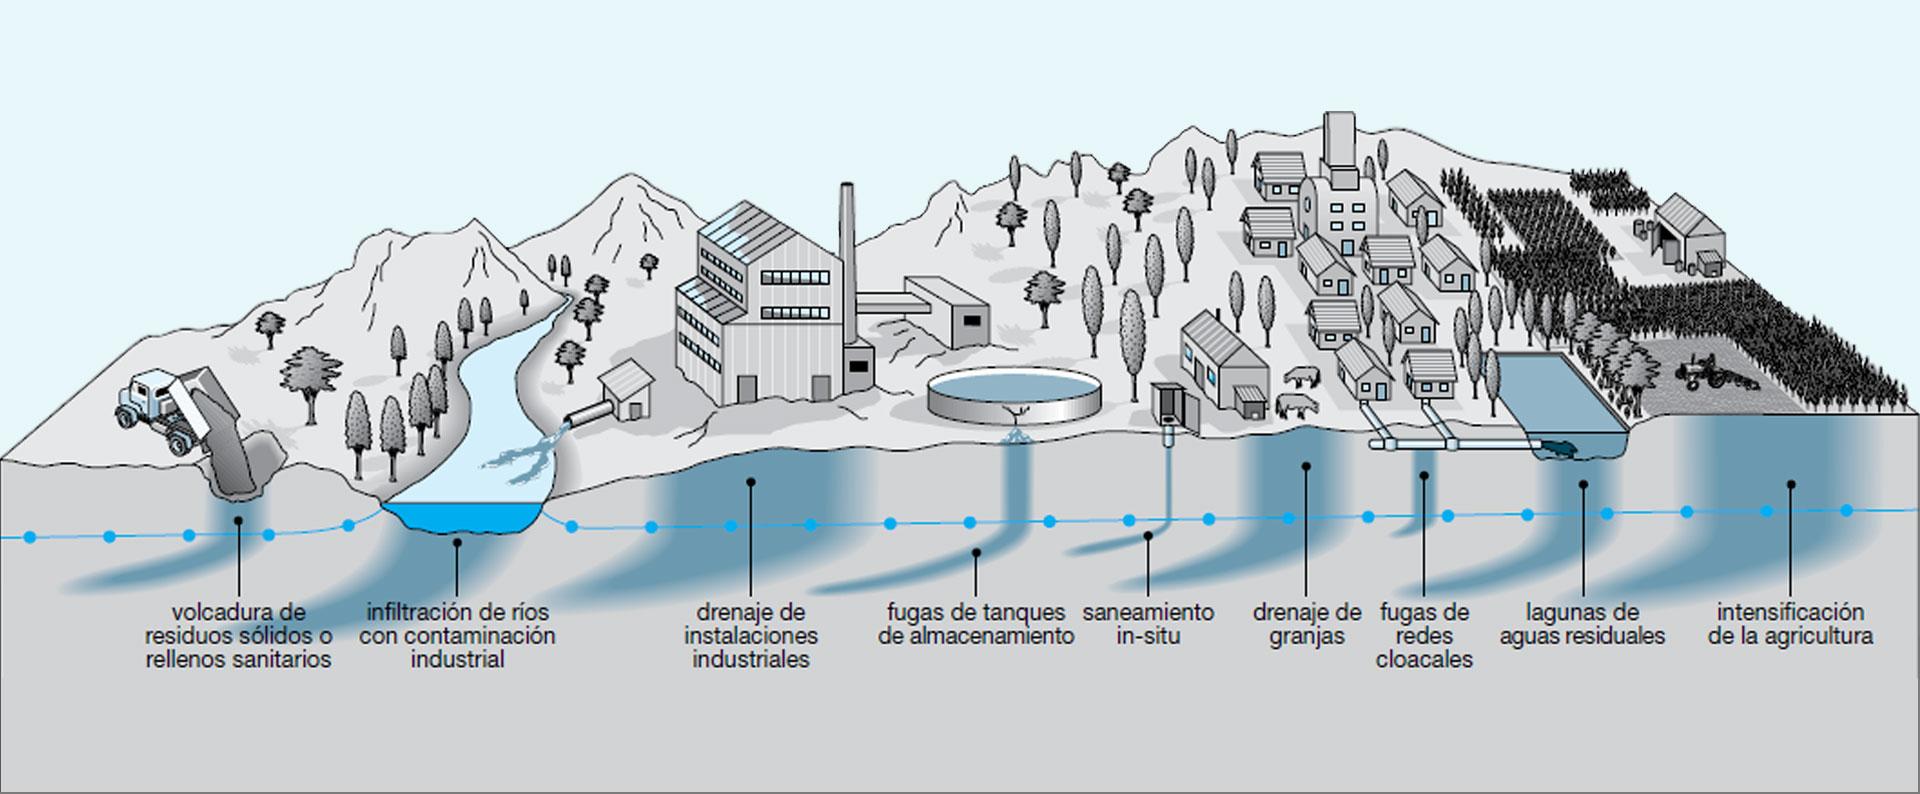 contaminacion-de-las-aguas-subterraneas-cecamin